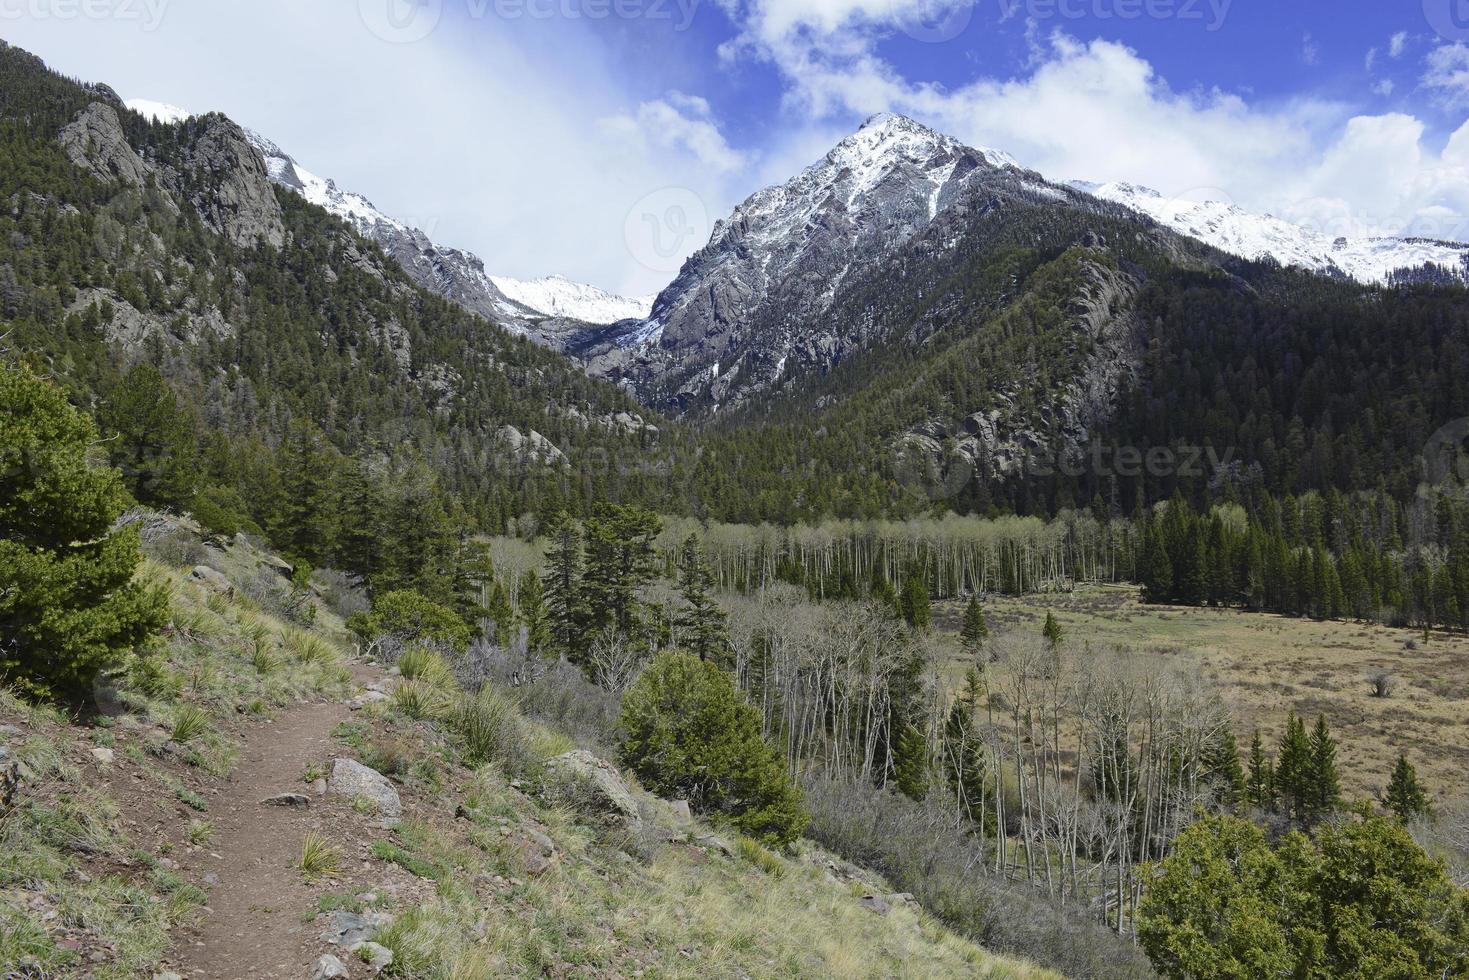 paisaje alpino, rango de sangre de cristo, montañas rocosas en colorado foto